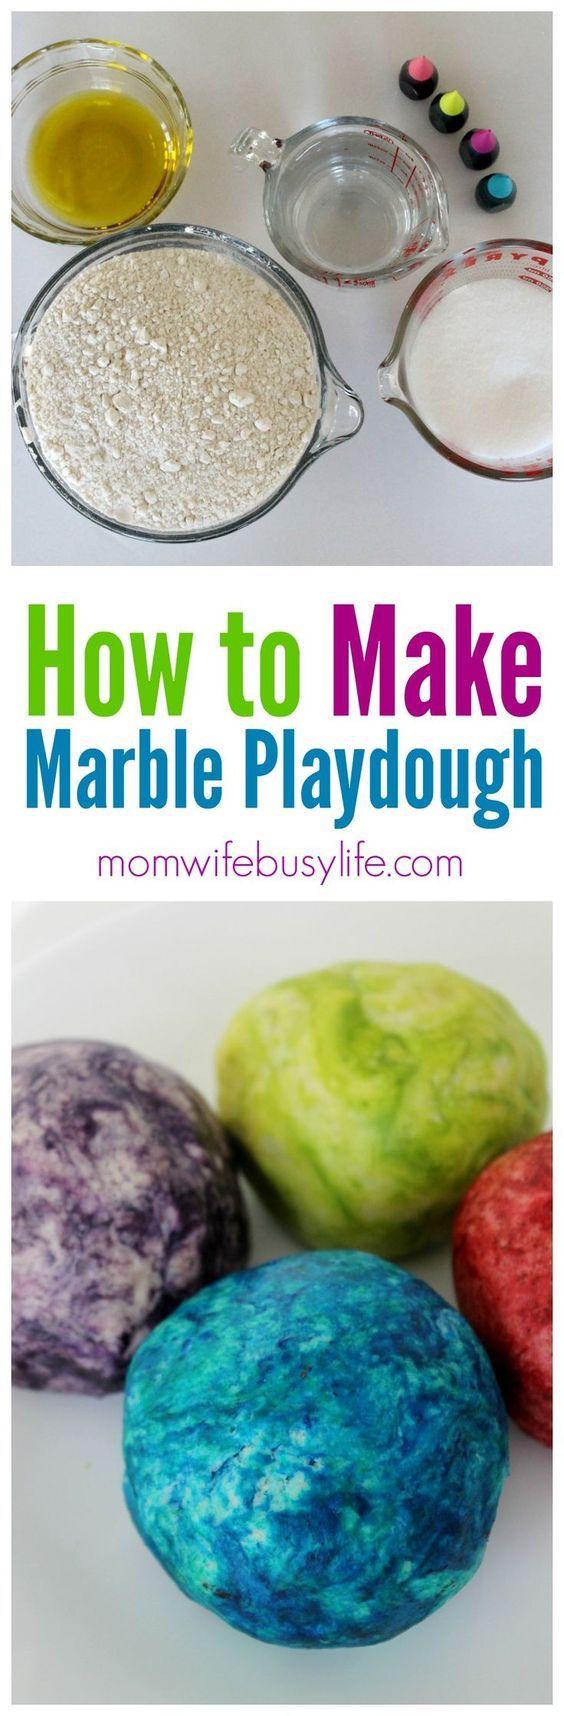 How to Make Marble Playdough Diy playdough, Make your